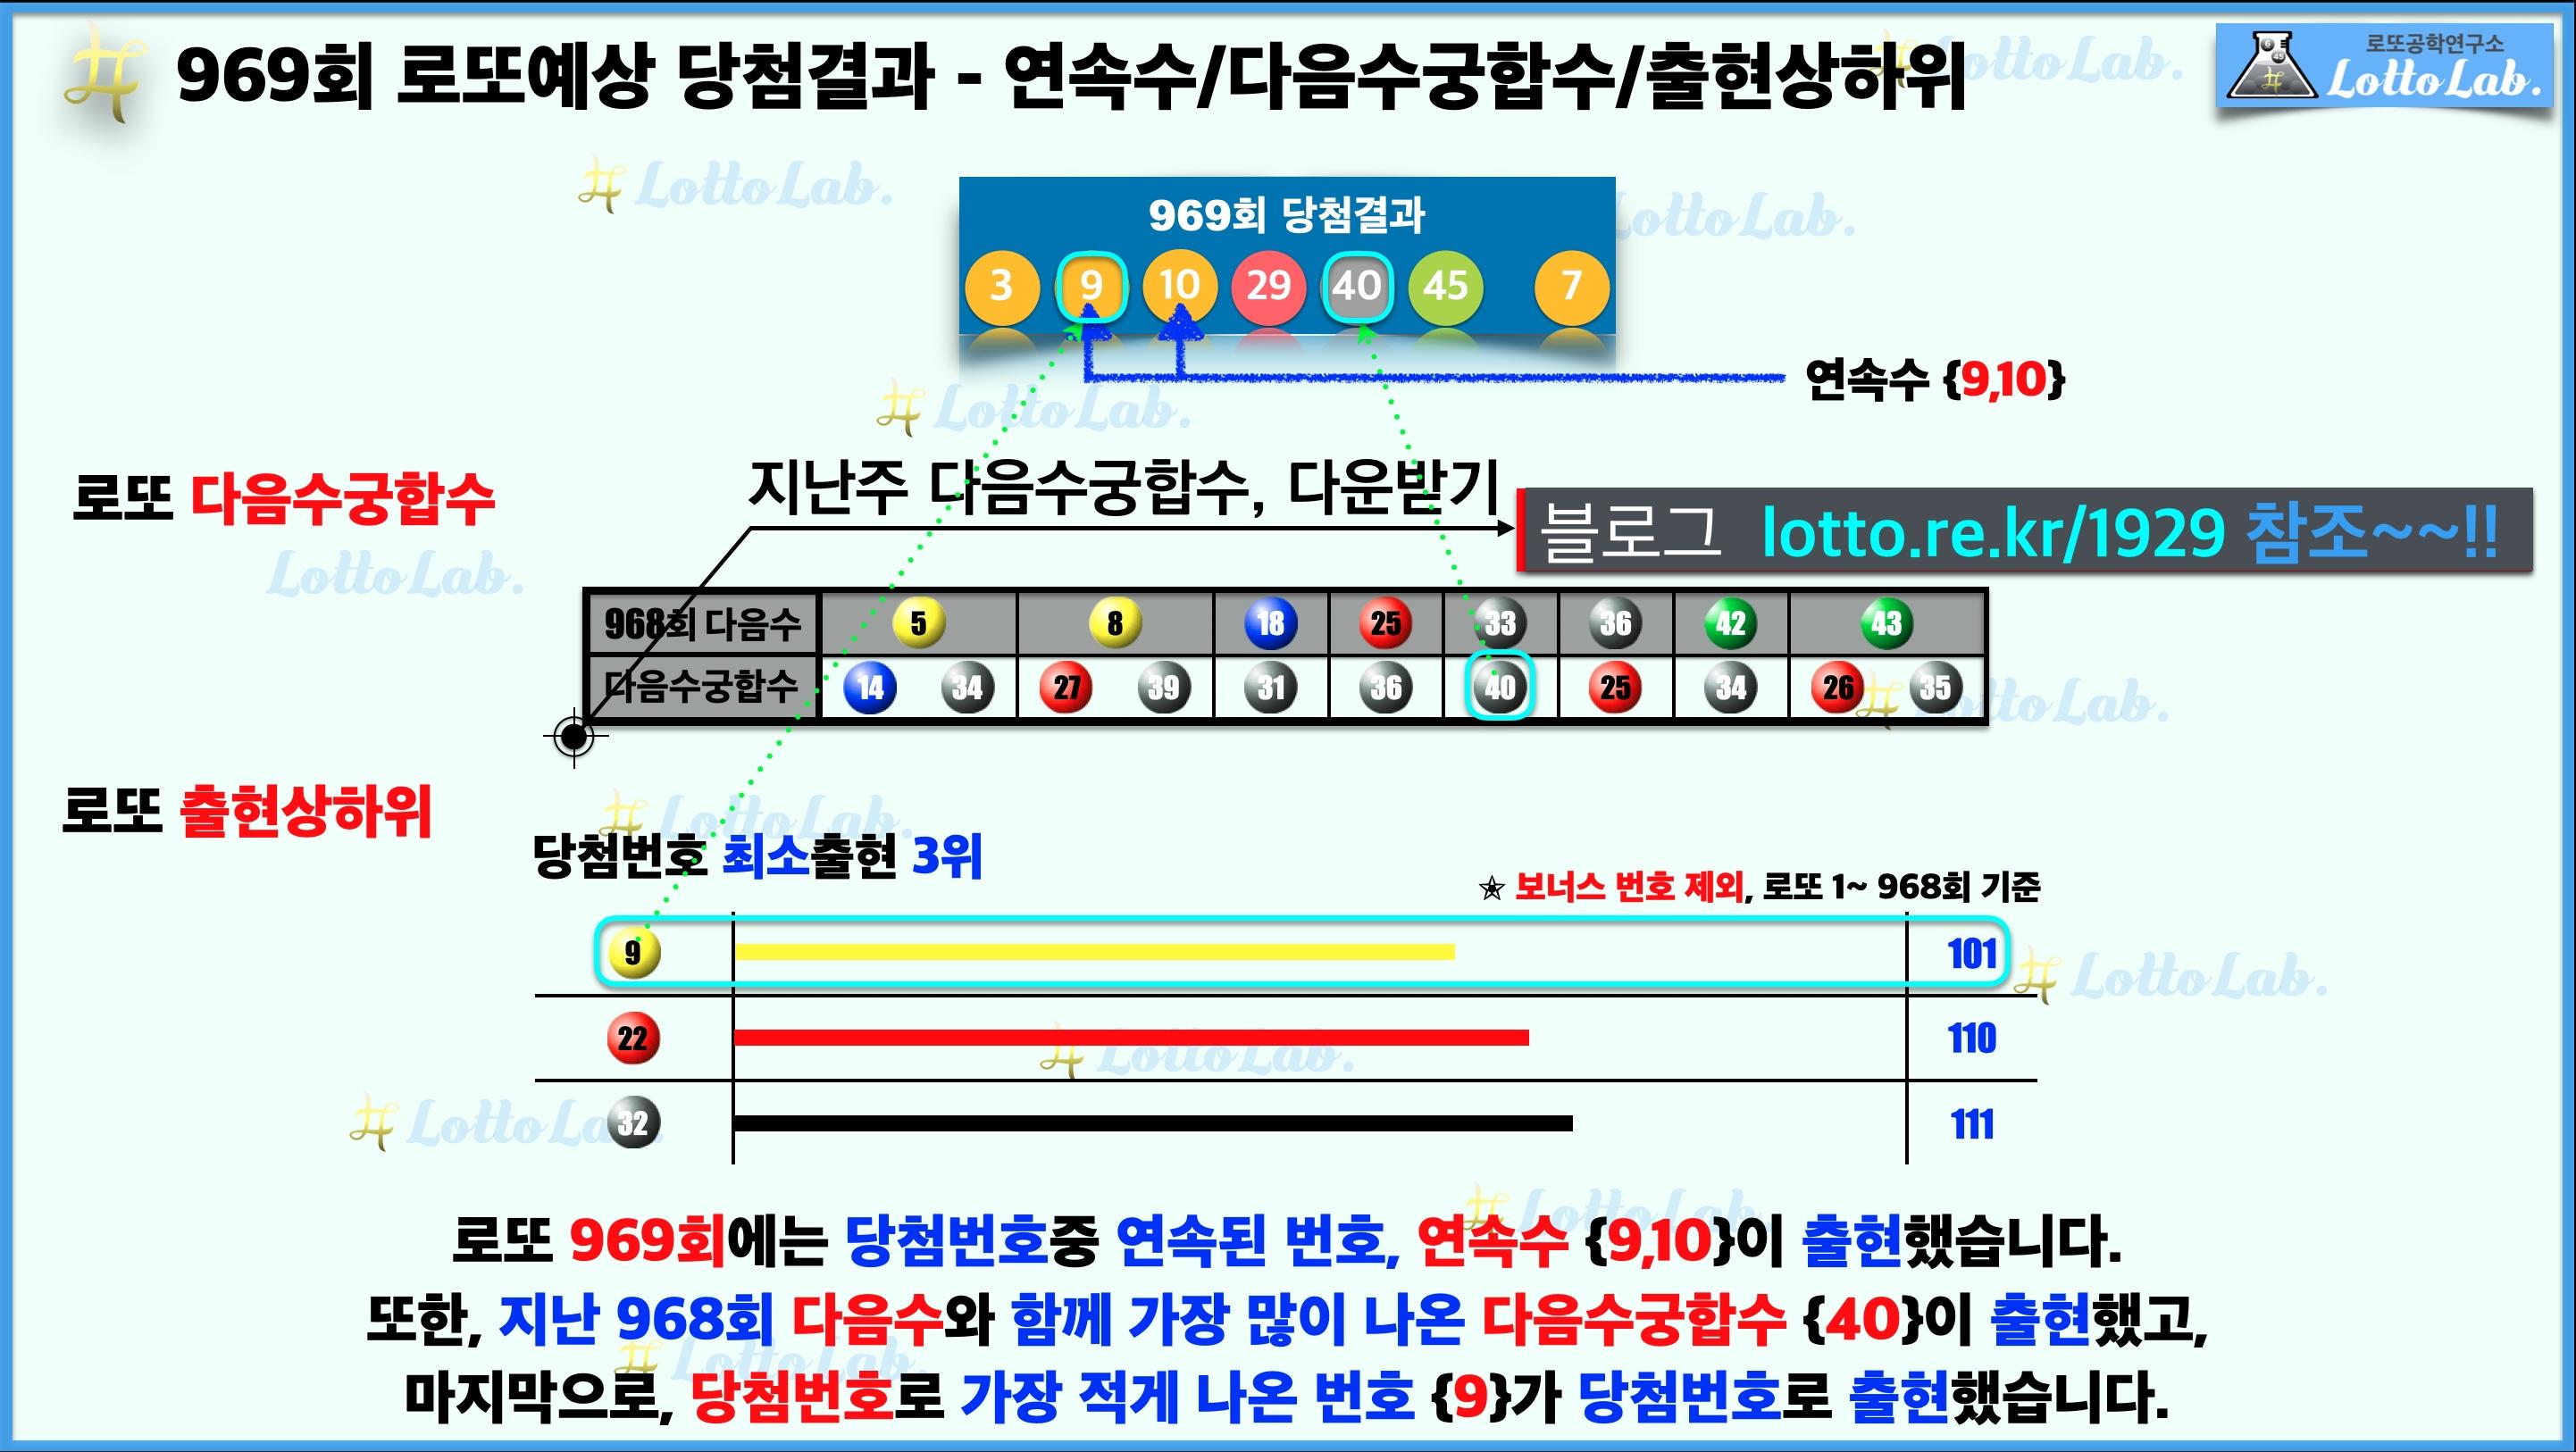 로또랩 로또969 예상결과 - 연속수 다음수궁합수 출현상하위